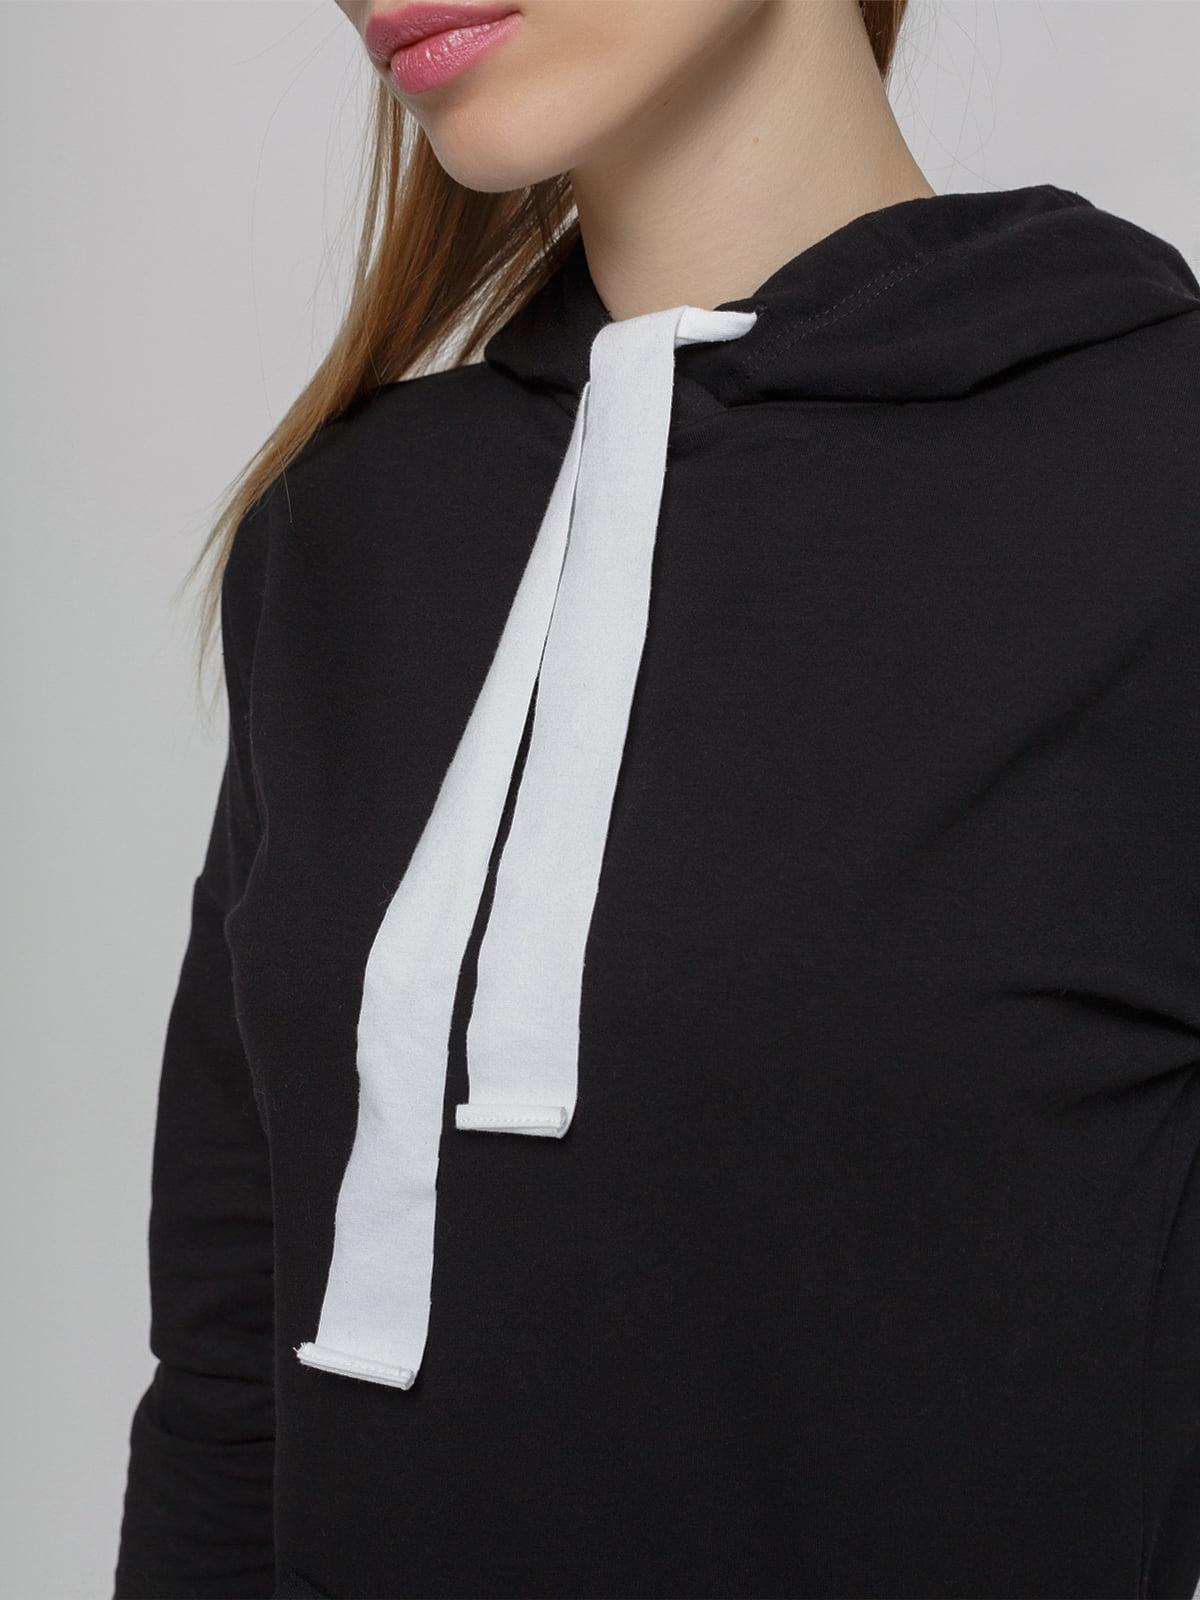 Платье черное | 4861819 | фото 3